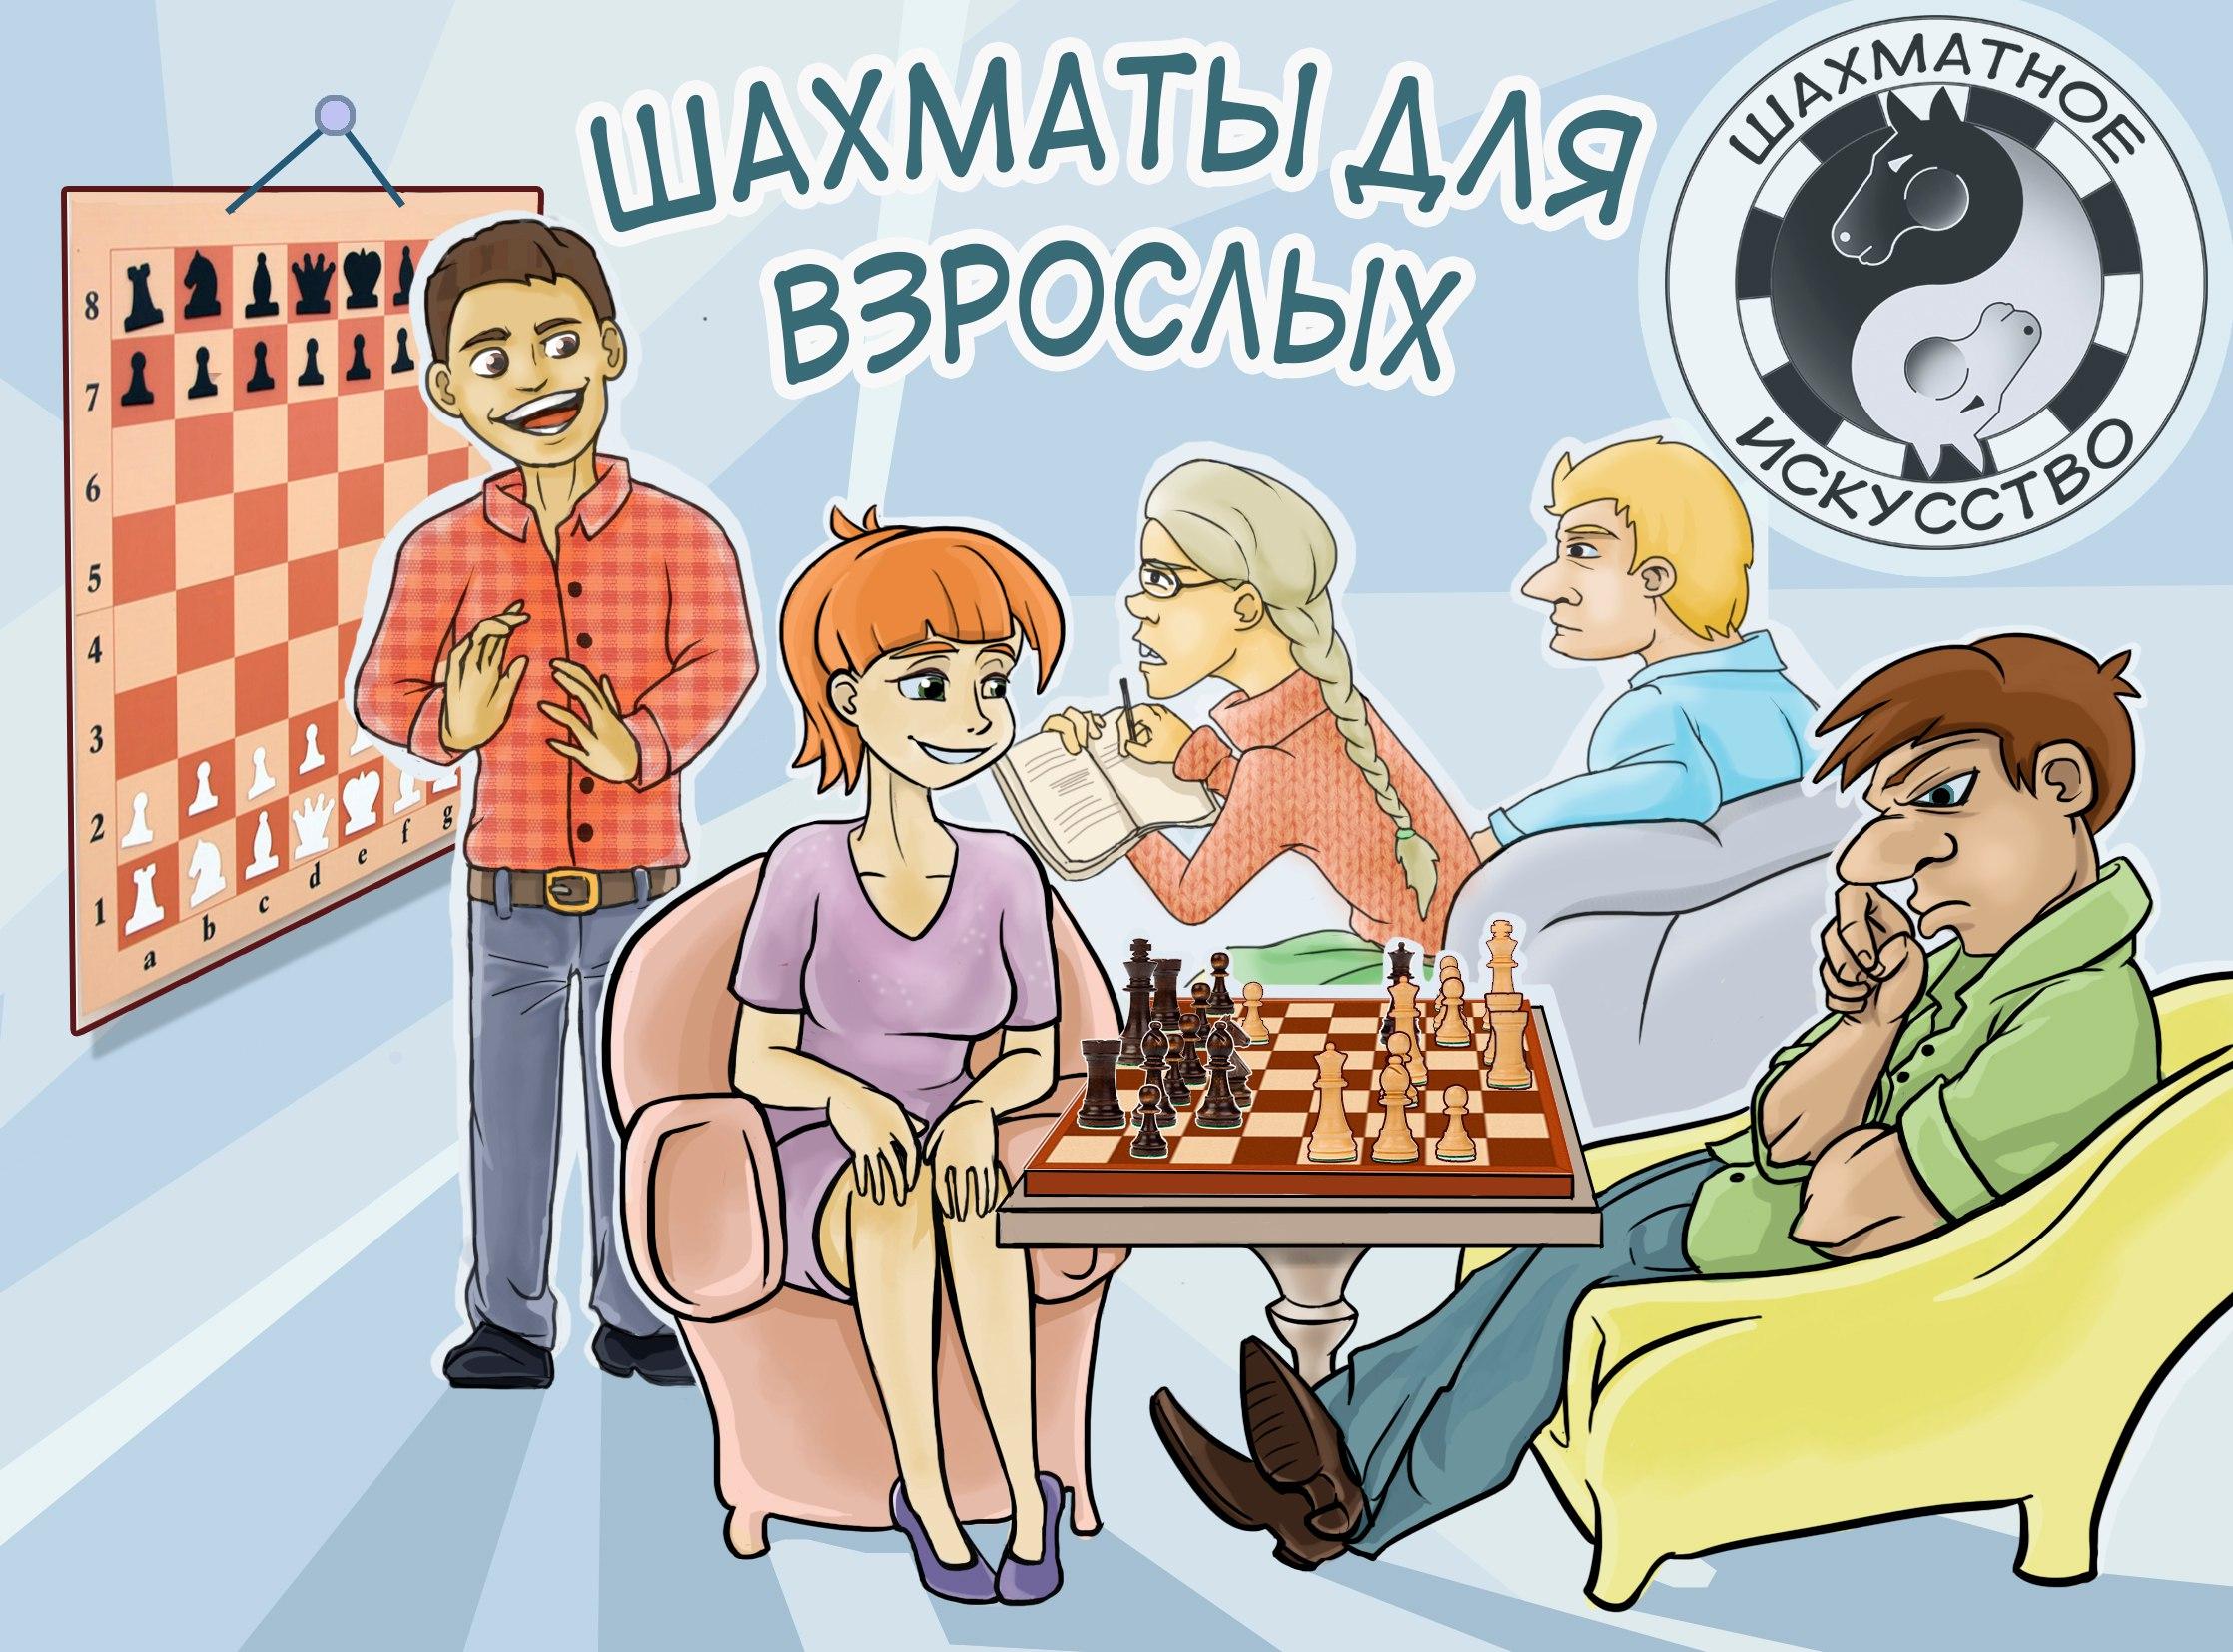 Поиграть в шахматы в Екатеринбурге